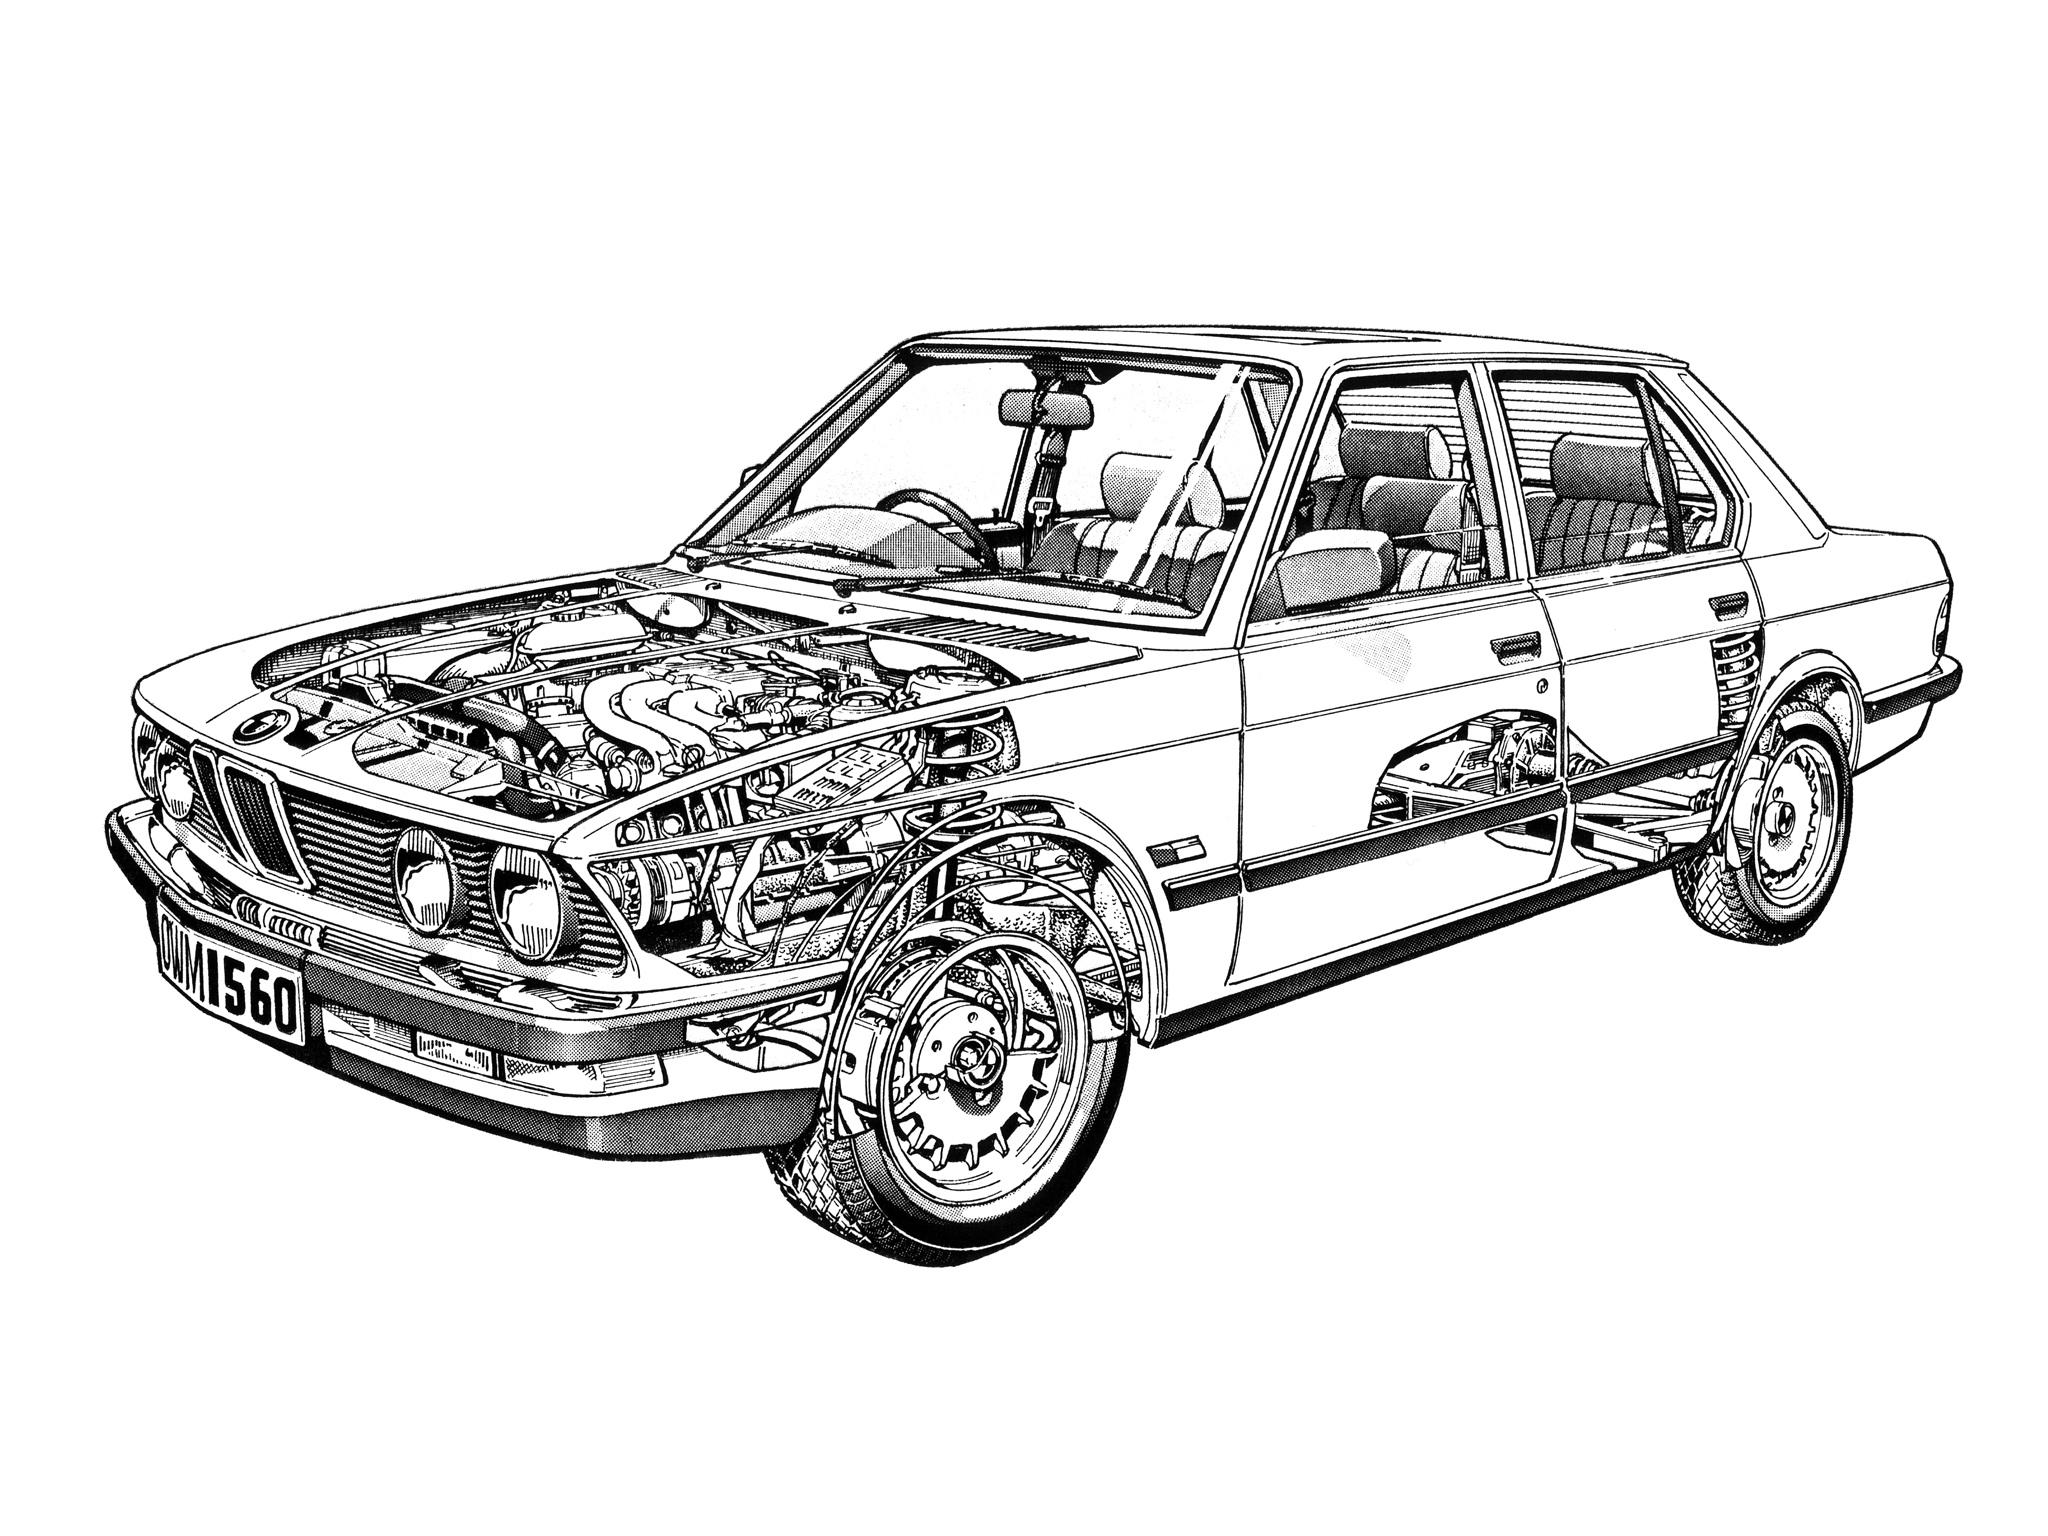 Group Test Audi 100cd C3 Vs Bmw 525e E28 And Ford Granada